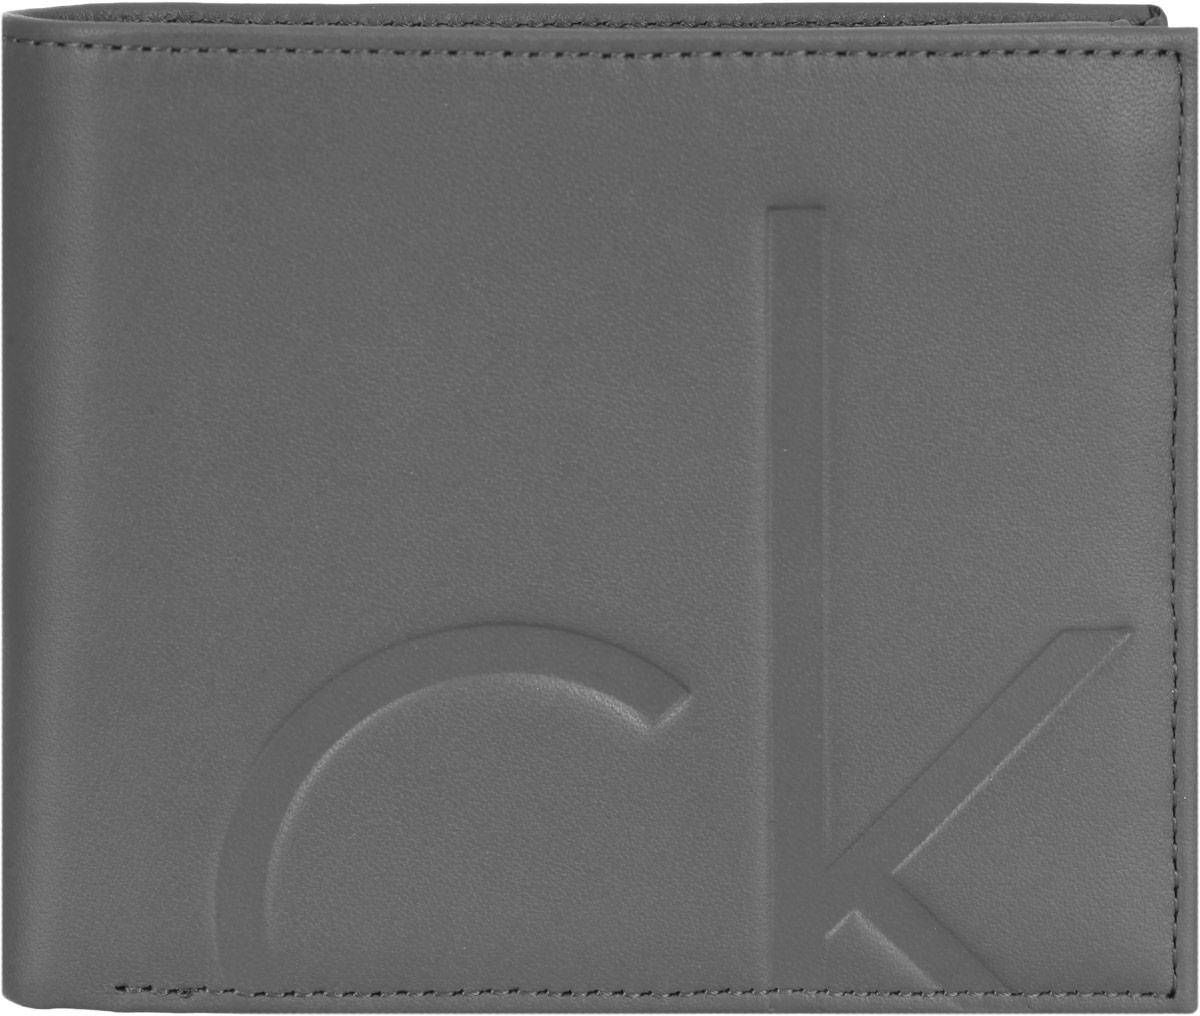 Кошелек мужской Calvin Klein Jeans, цвет: серый. K50K500900K50K500900Мужской кошелек Calvin Klein Jeans изготовлен из натуральной кожи и оформлен фирменным тиснением. Внутри находится два отделения для купюр, три потайных кармана и девять кармашков для визиток и пластиковых карт, отделение для мелочи с клапаном на кнопке и сетчатый карман. Изделие упаковано в фирменную коробку. Стильный кошелек не только дополнит ваш образ, но и будет незаменимым аксессуаром.